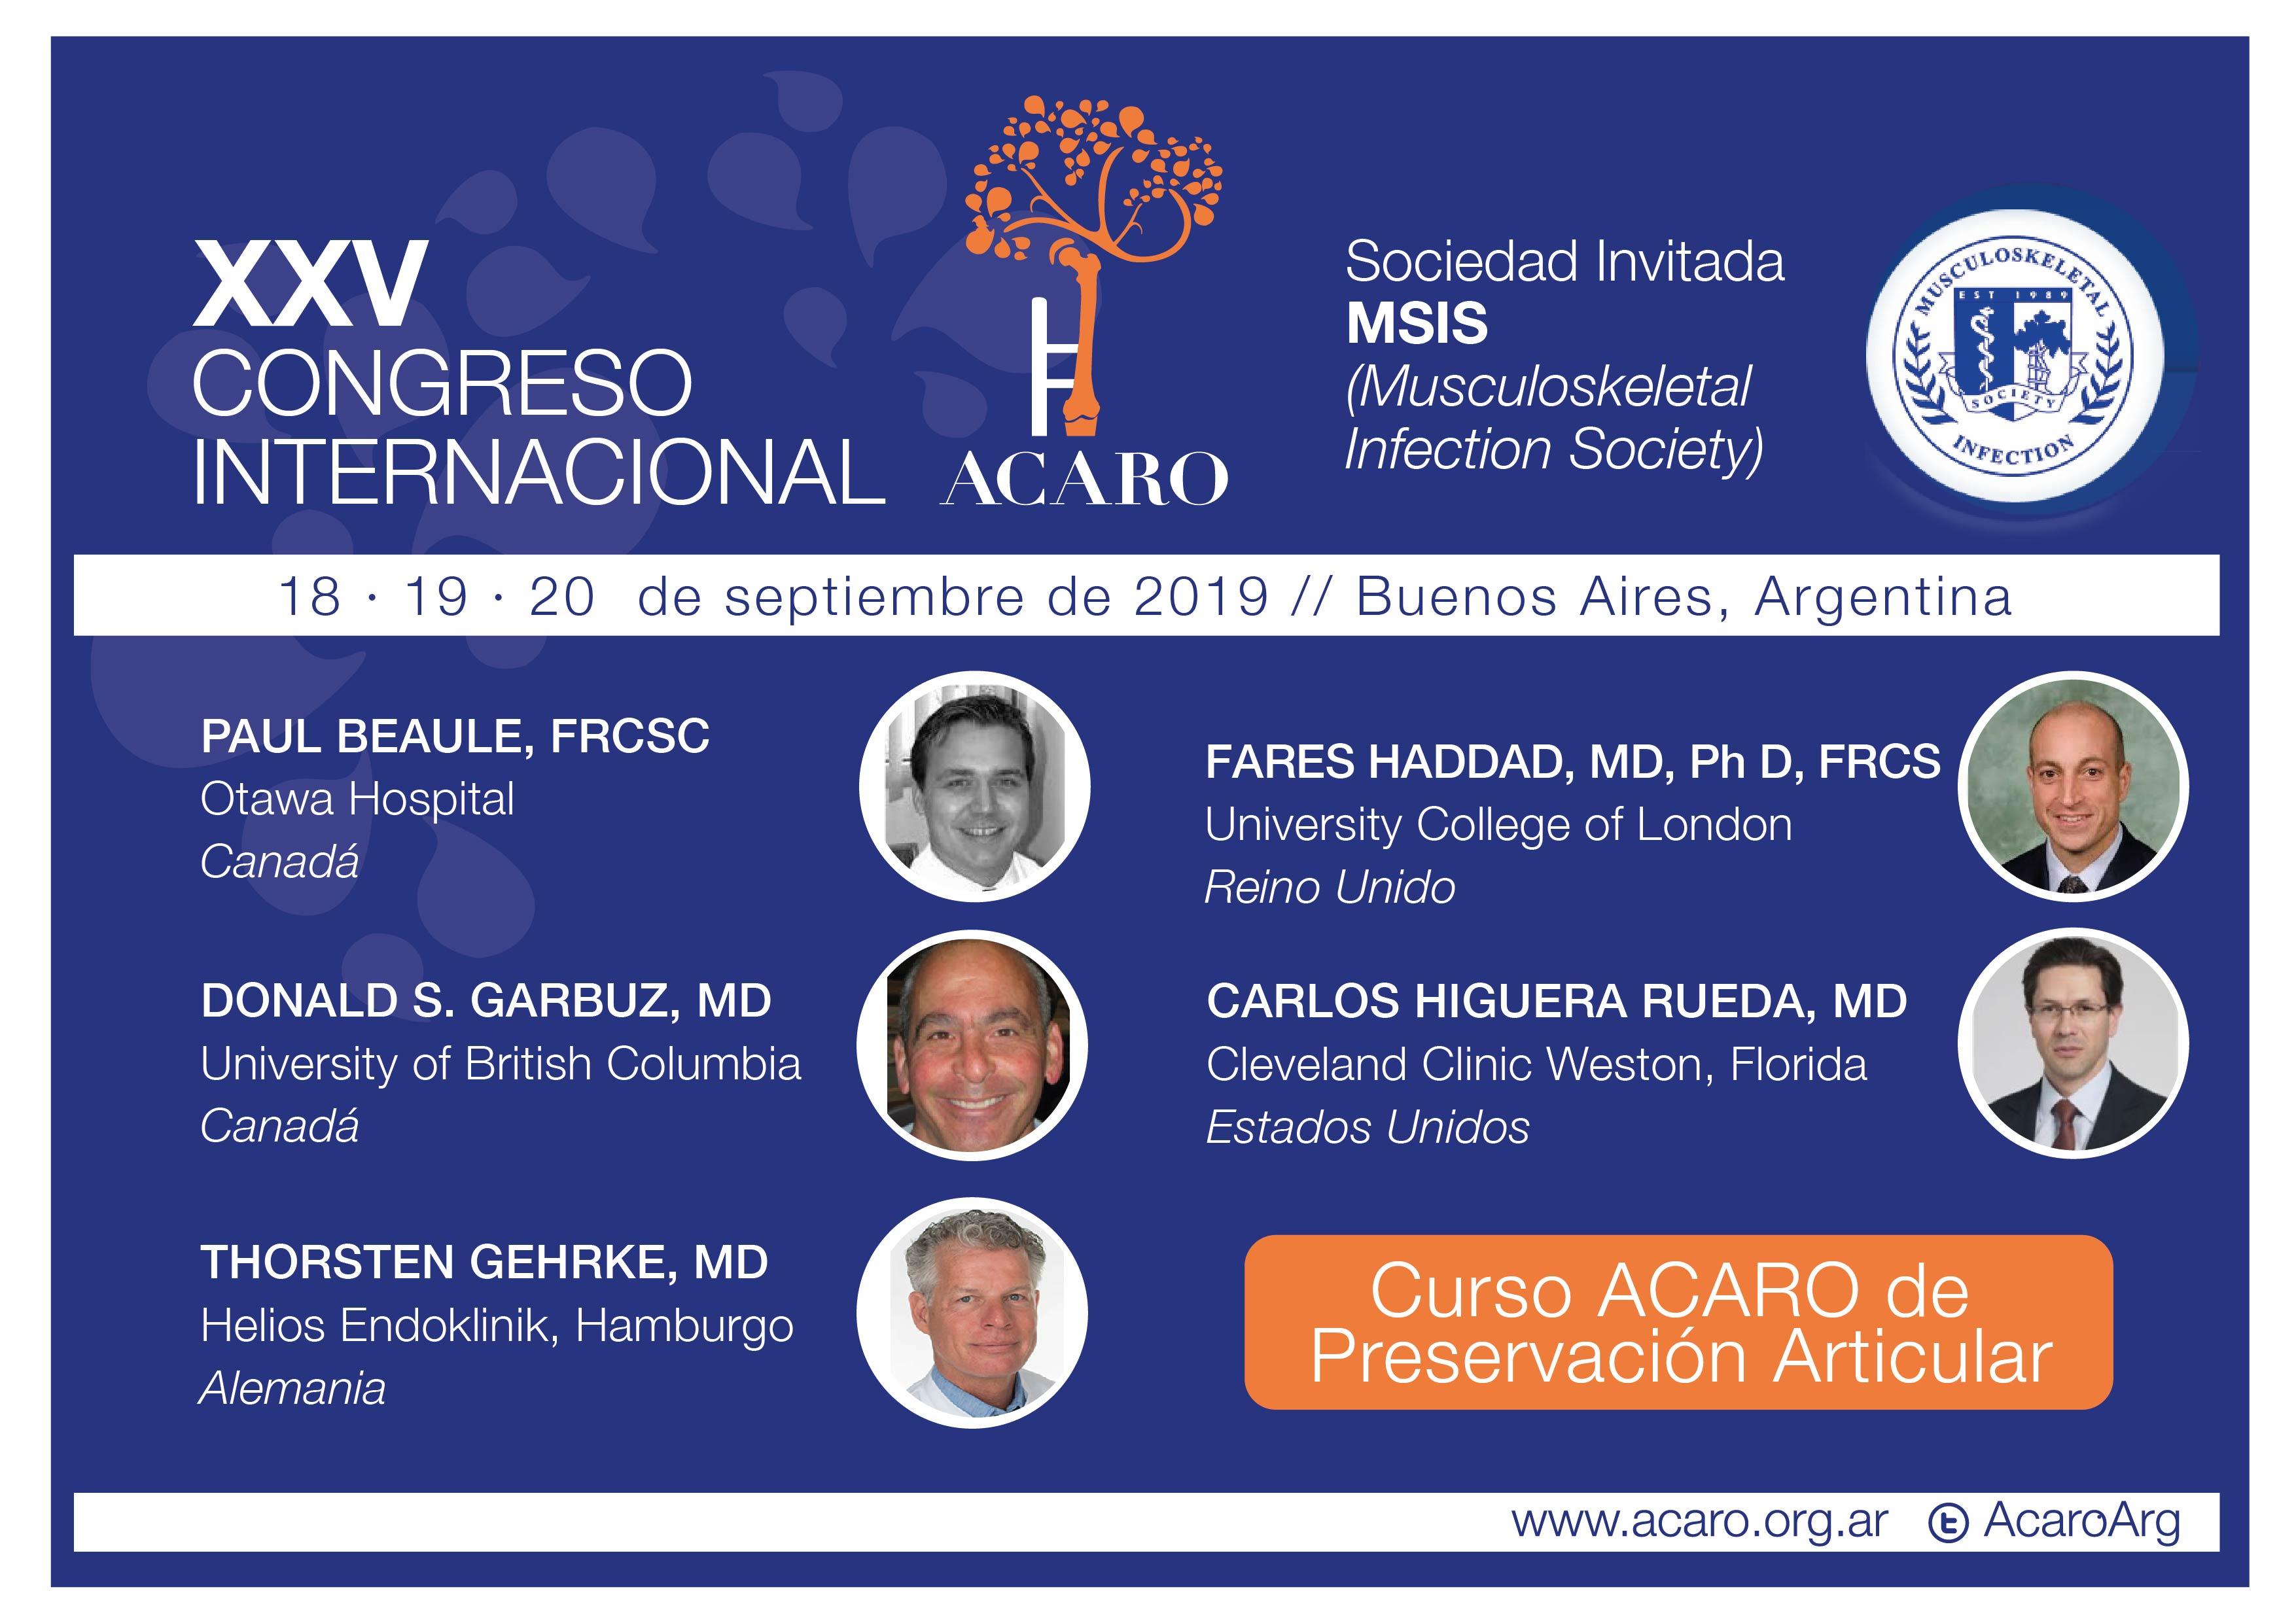 XXV Congreso Internacional ACARO 2019